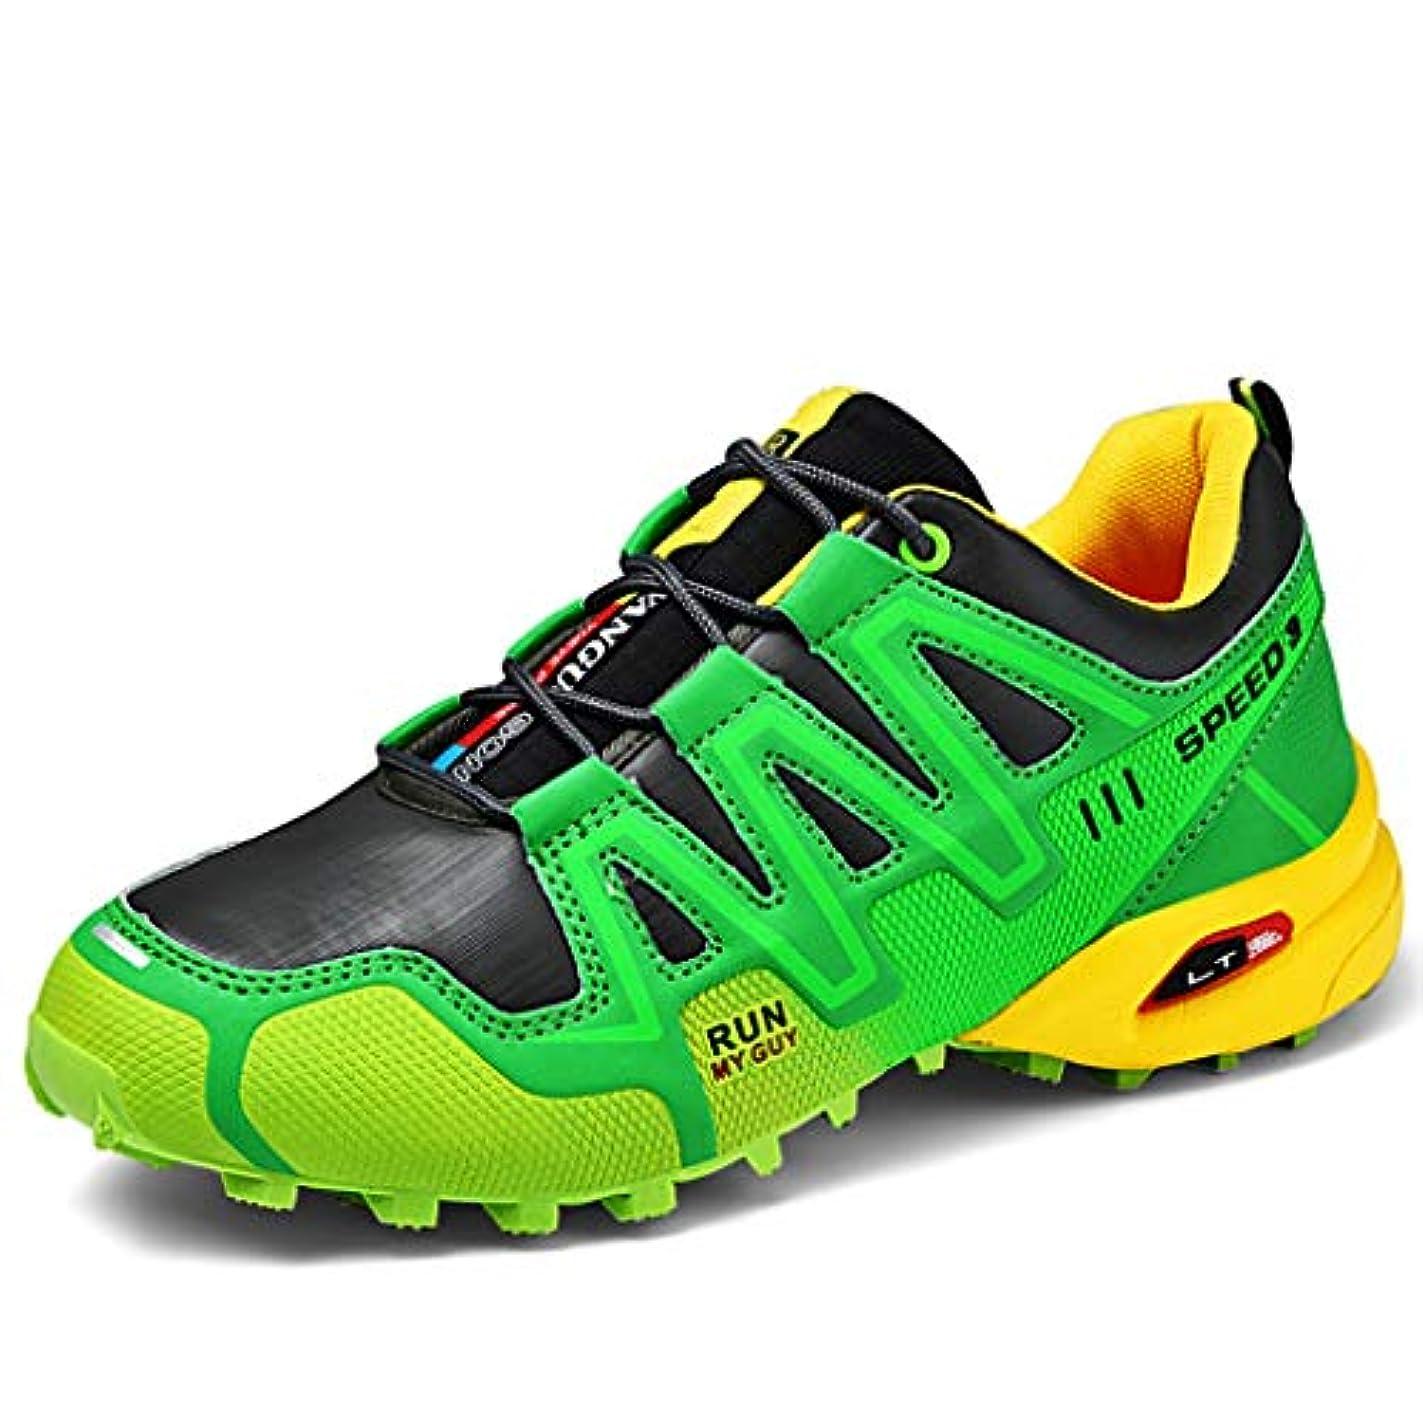 逸脱なぜ一次[SENNIAN] メンズ ウォーキングシューズ スポーツ ハイキングシューズ トレッキングシューズ グリーン オレンジ 通気性 登山靴 アウトドア 歩く靴 スニーカー 遠足靴 耐磨耗 防滑